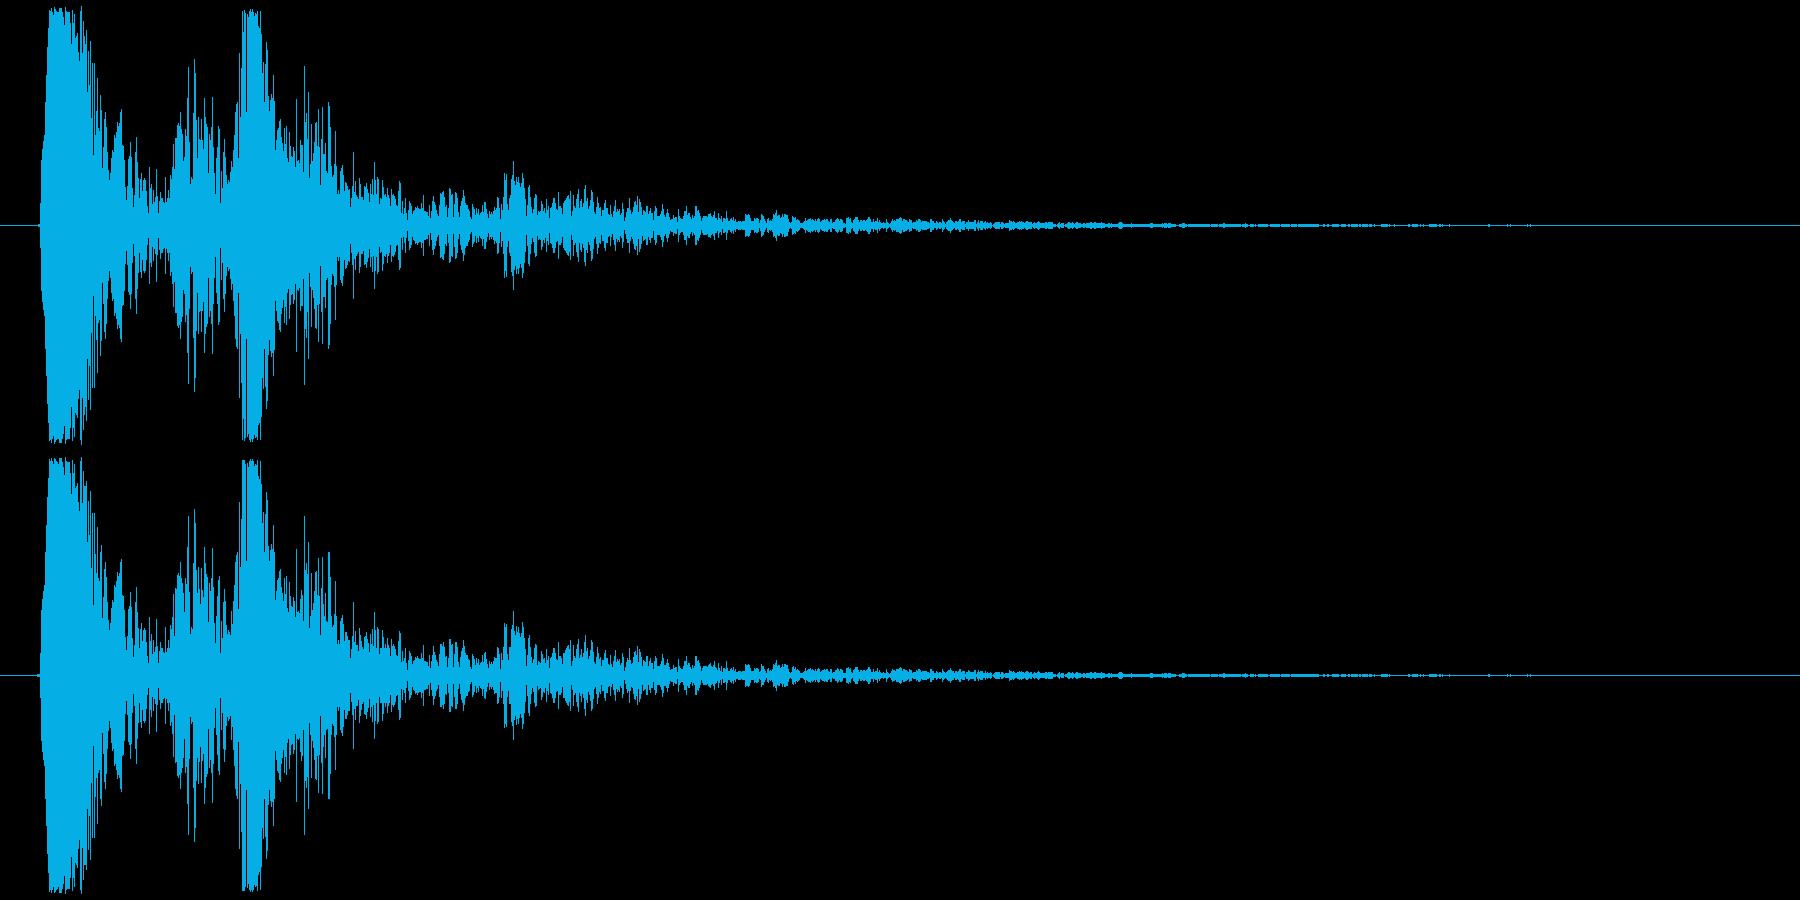 アイテムやキャラが出てくる時の様な効果音の再生済みの波形